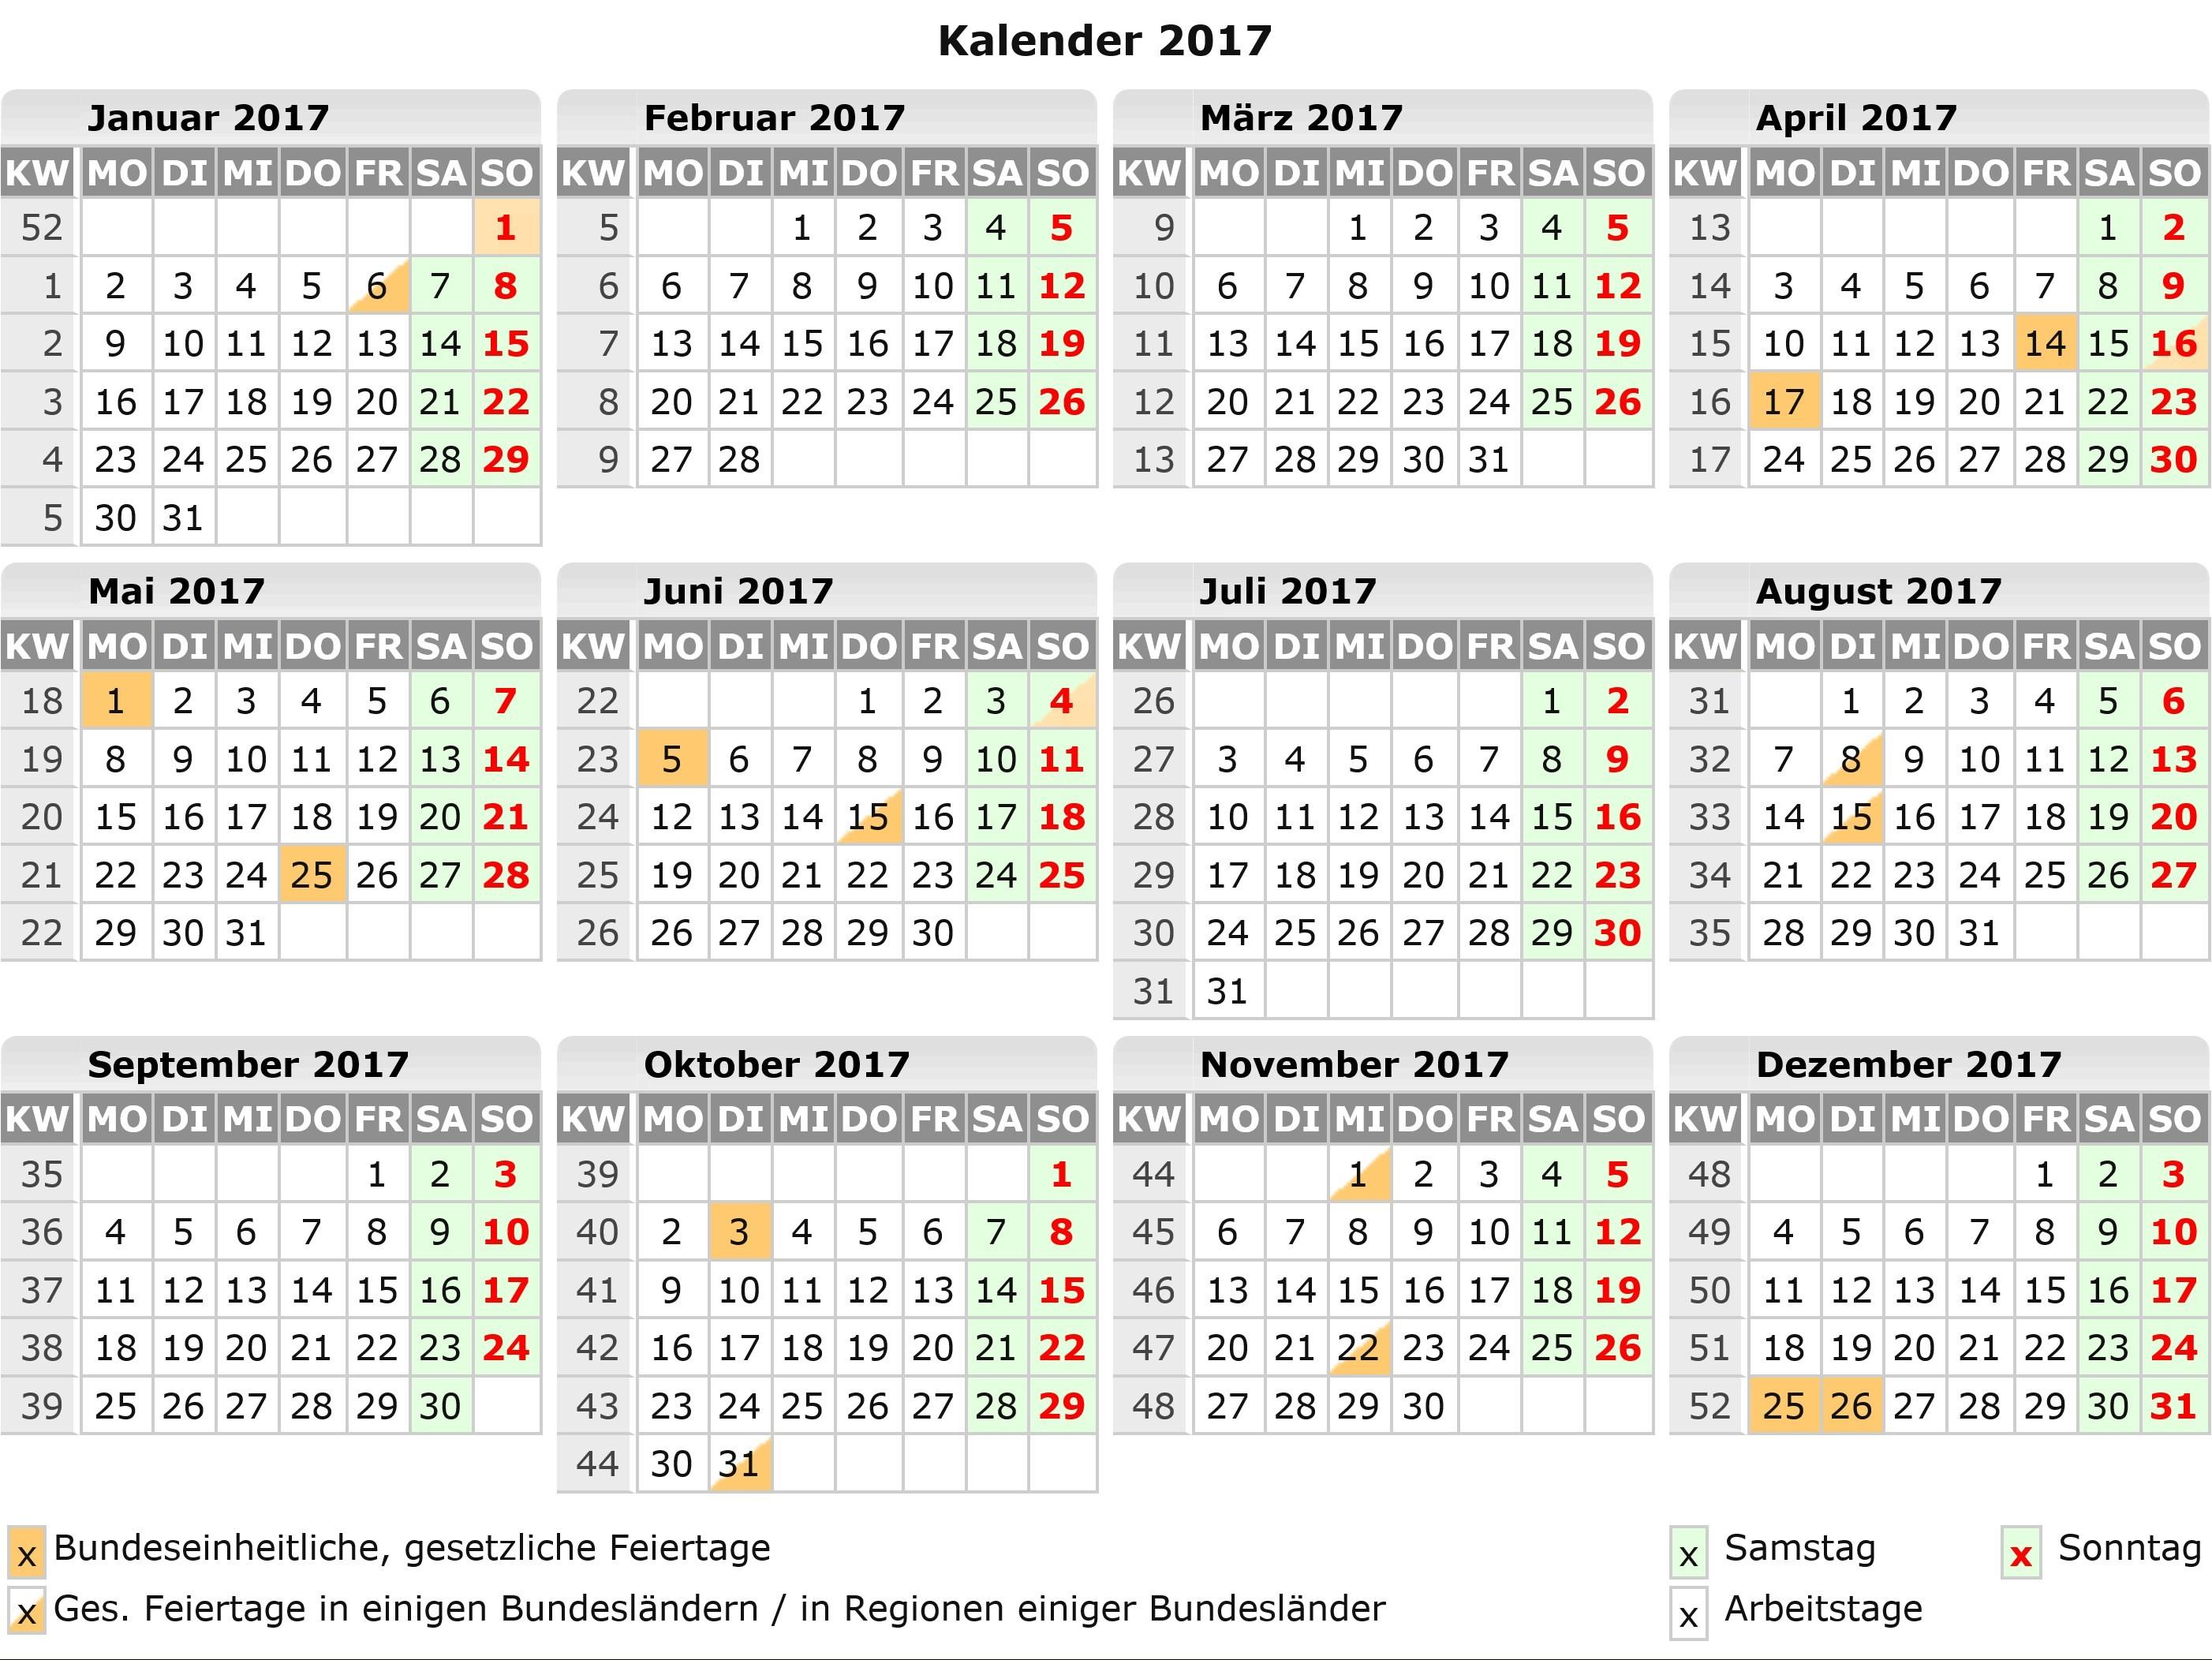 Calendario 2019 Excel Editable Calendar Más Actual Kalender Selbst Gestalten Blanko Of Calendario 2019 Excel Editable Calendar Actual 005 Google Sheet Calendar Template 20calendar Sheets Weekly Free